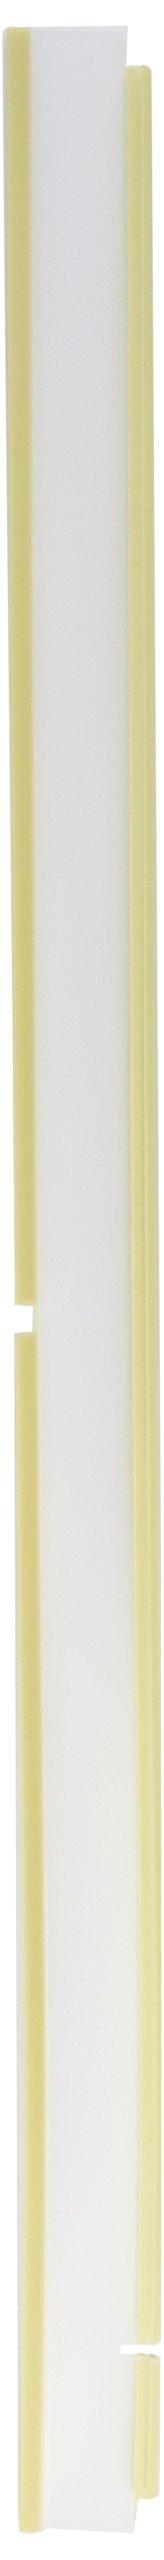 Frigidaire 809006501 Dishwasher Door Seal